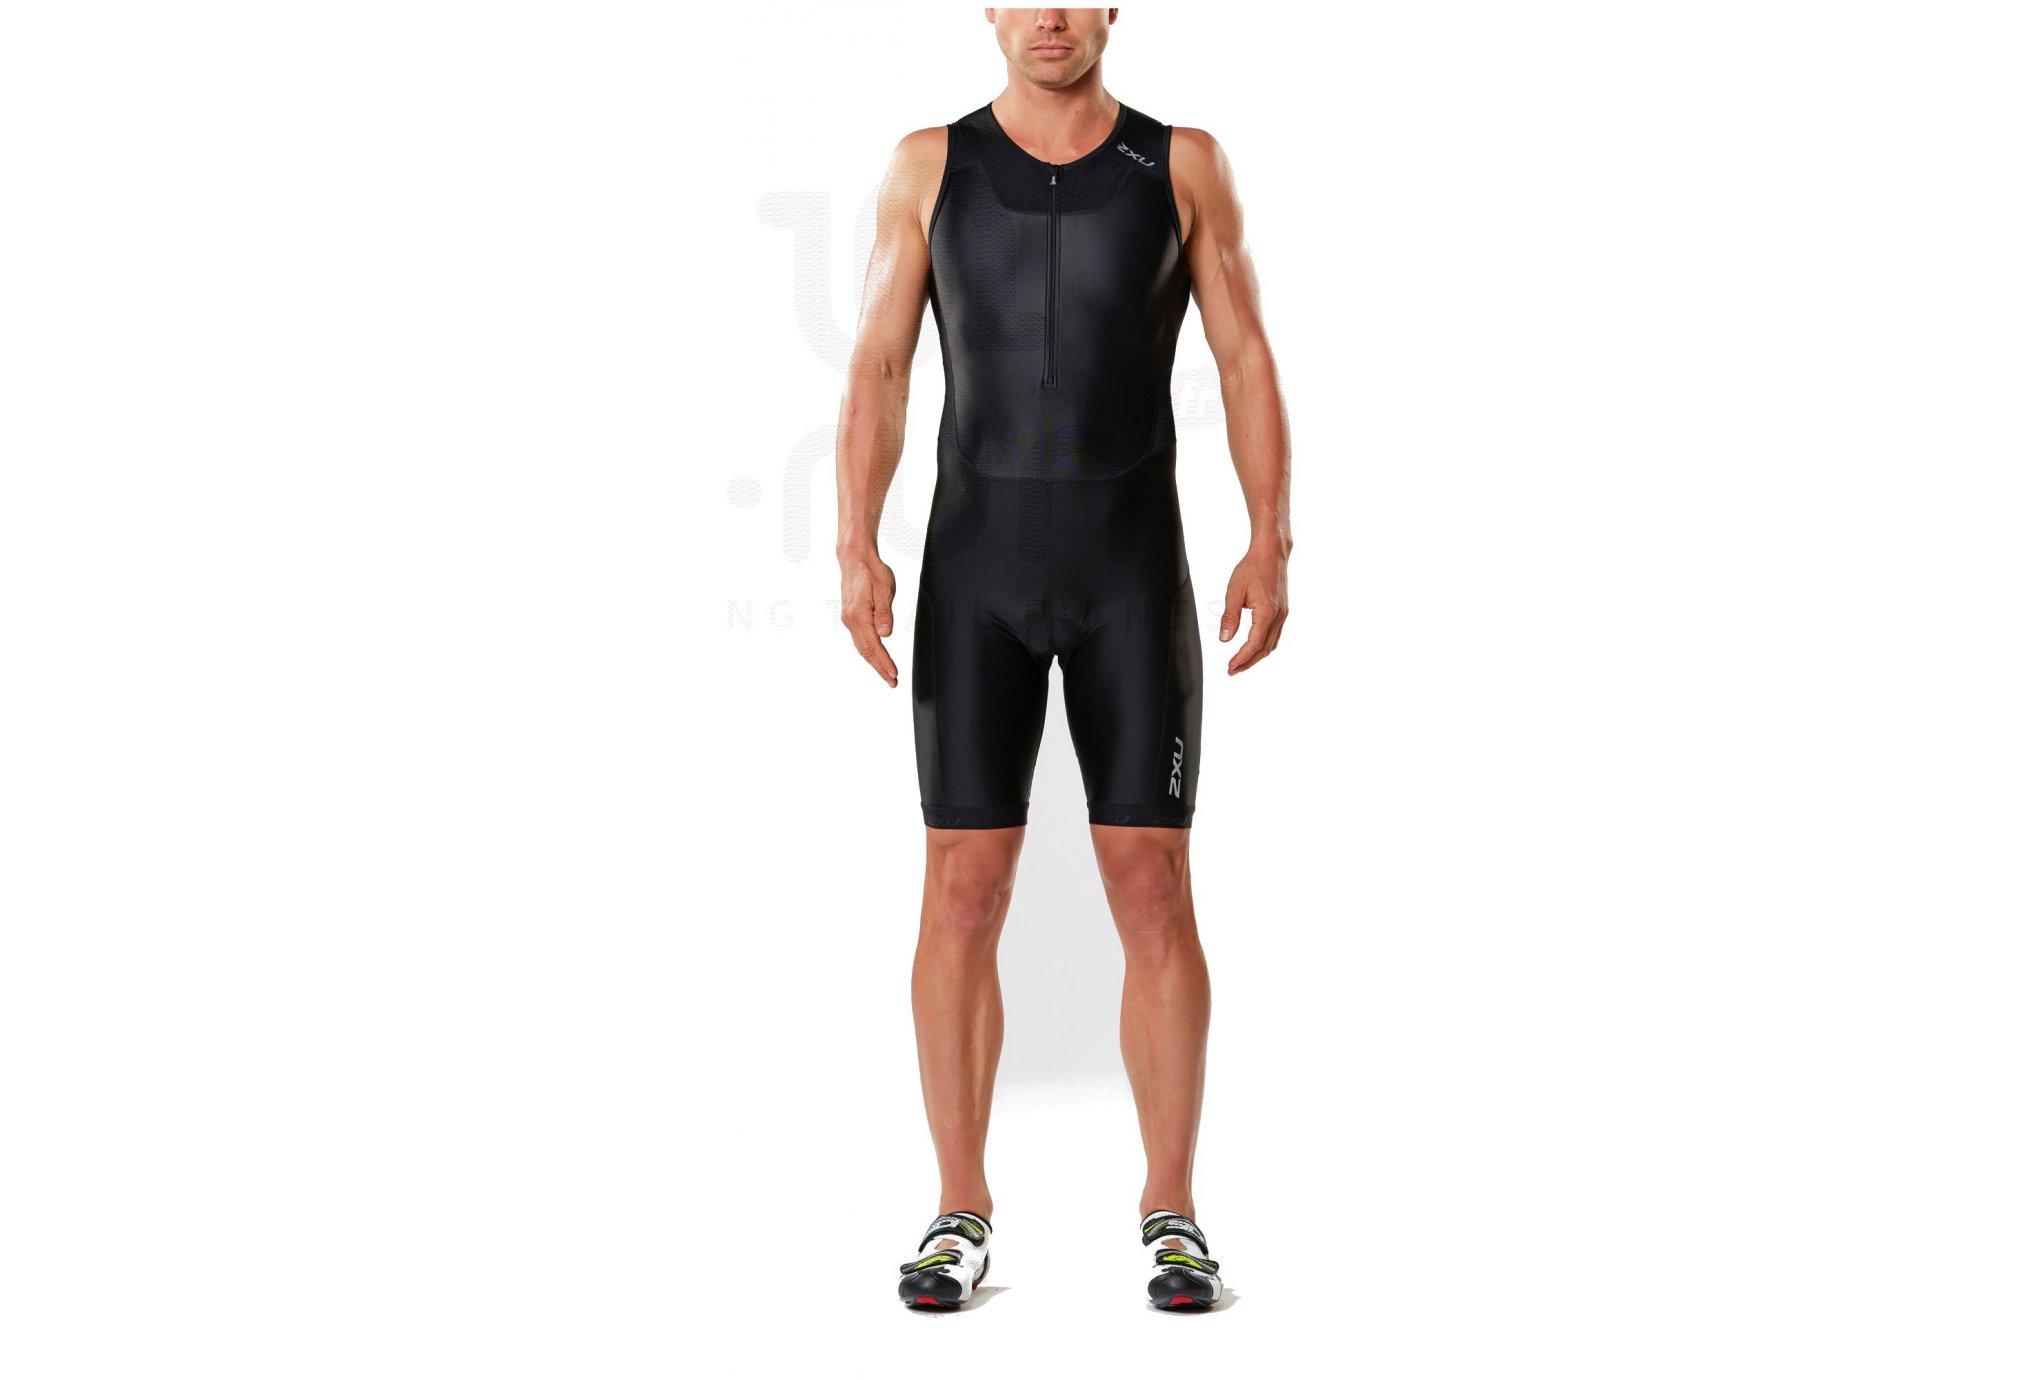 2xu Combinaison zip trisuit m diététique vêtements homme